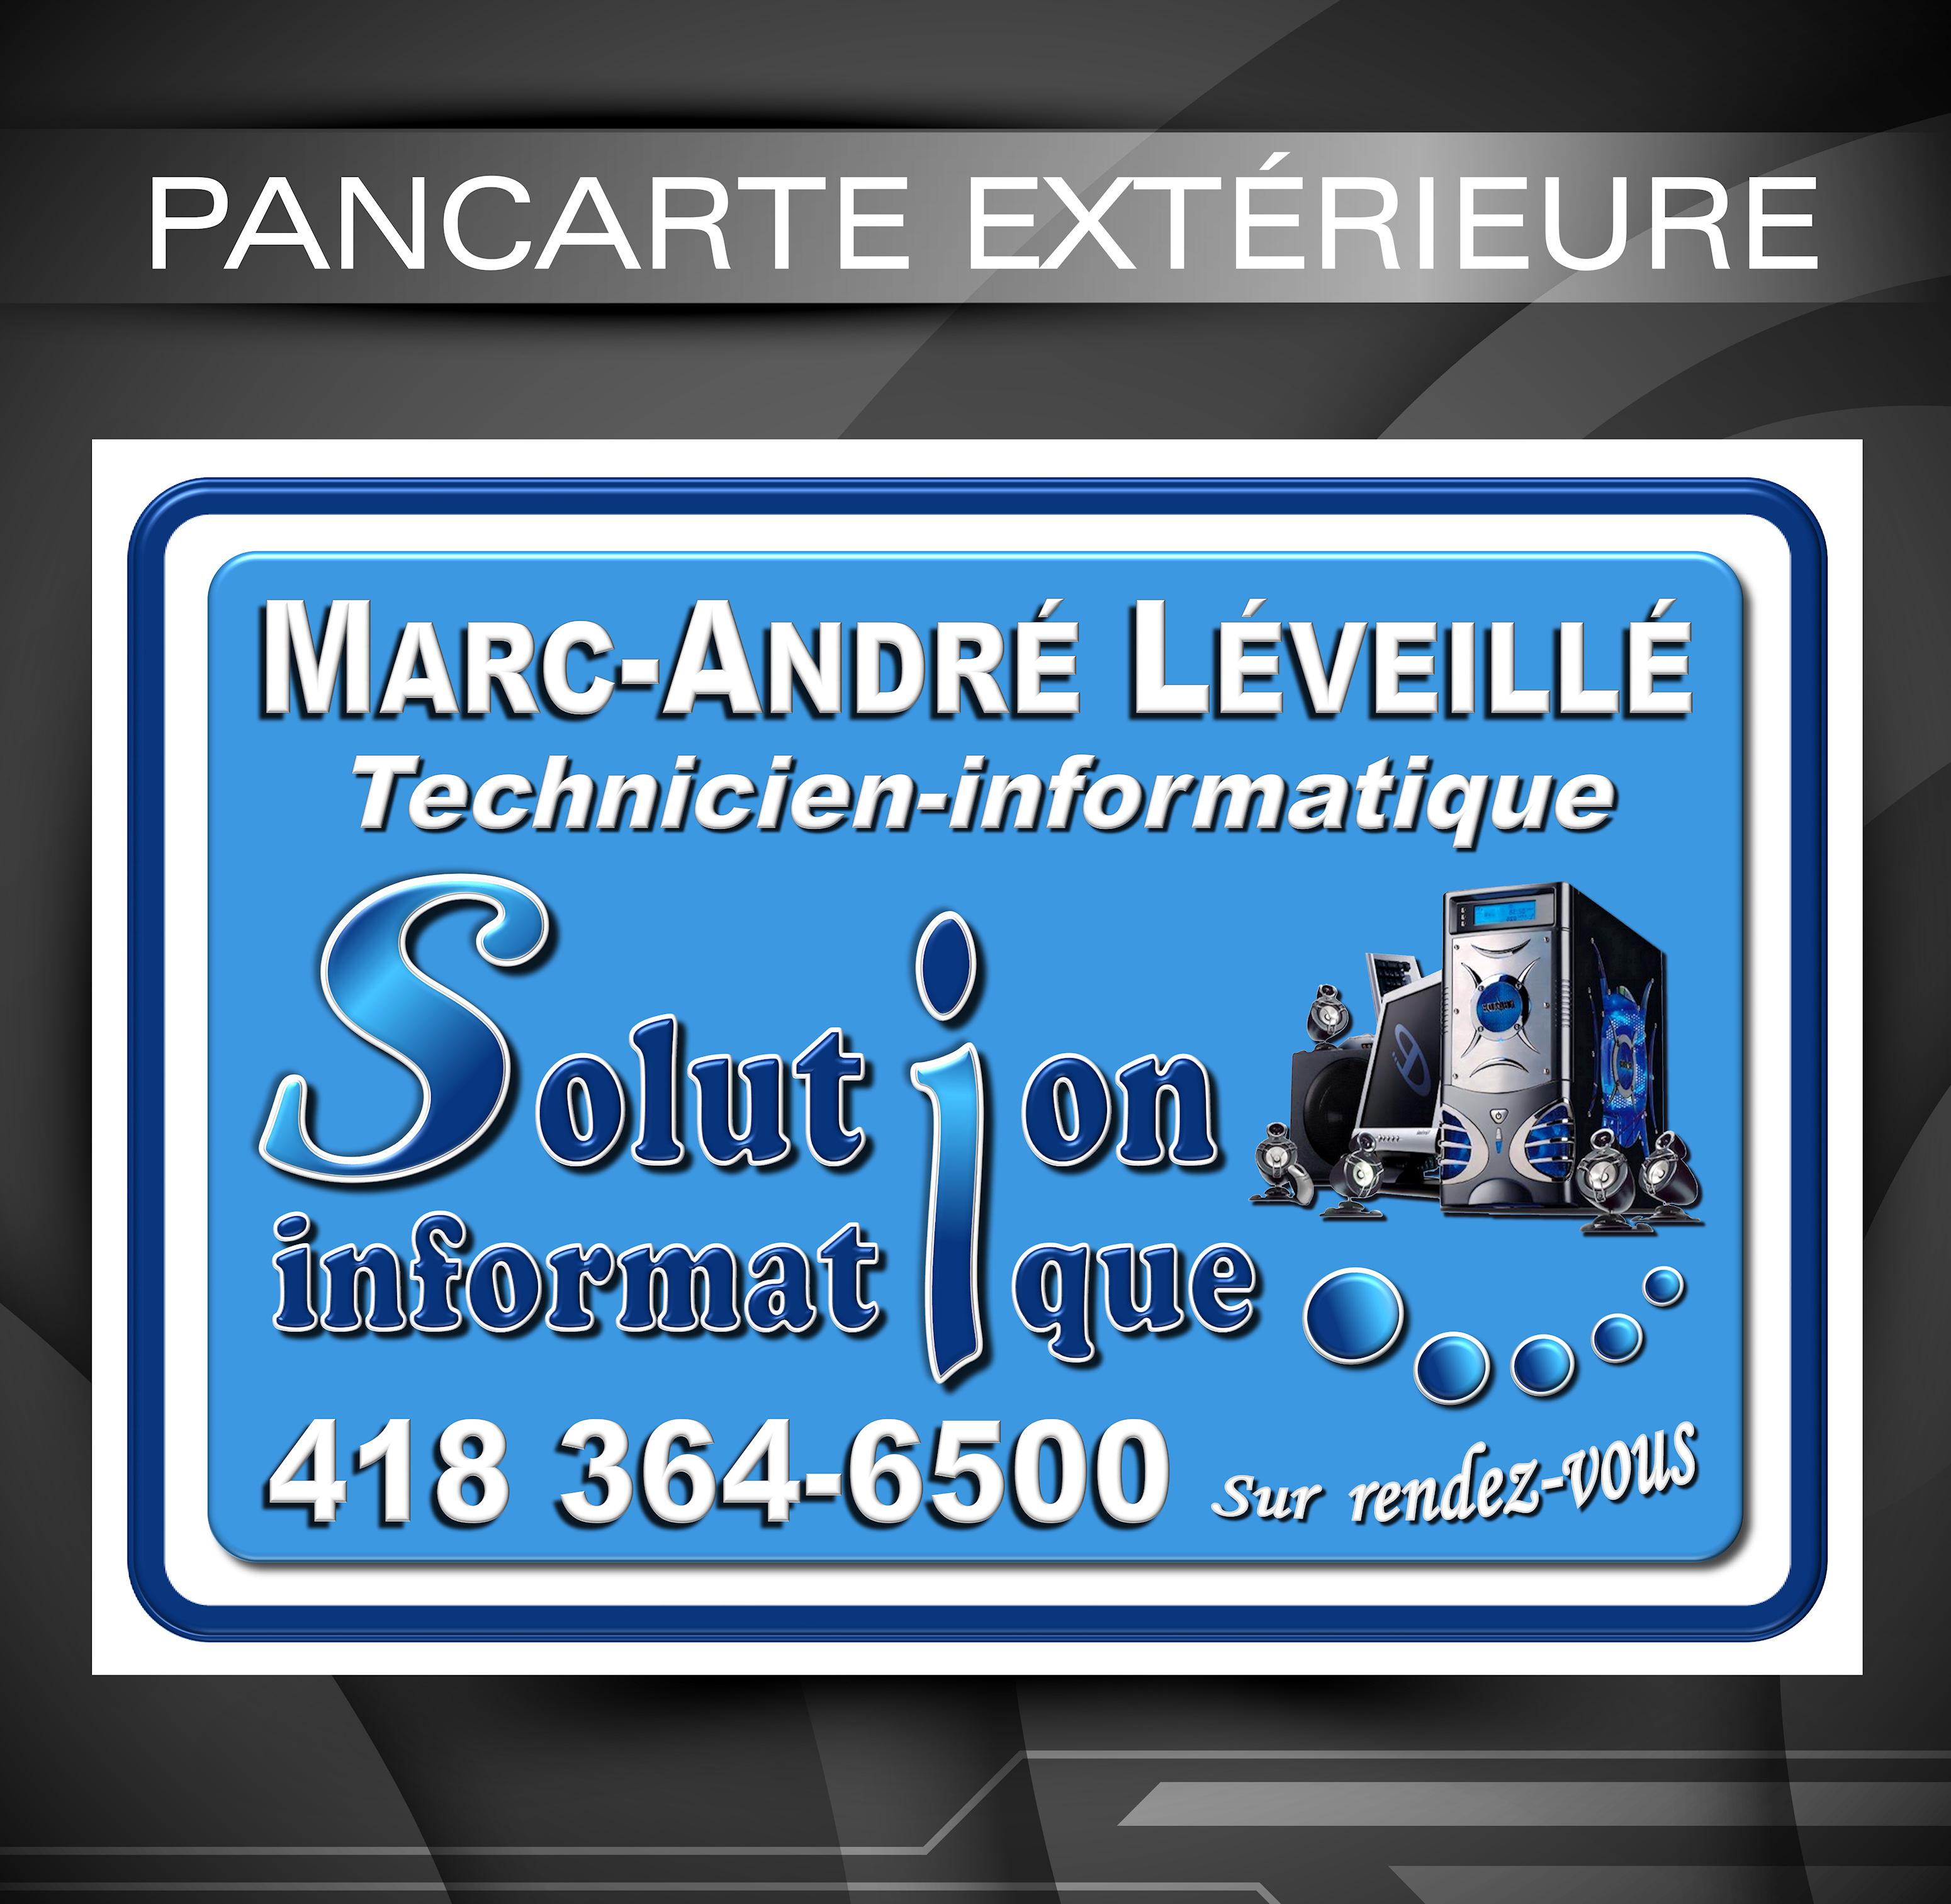 Pancarte ext rieure entreprise en informatique for Pancarte exterieure publicitaire